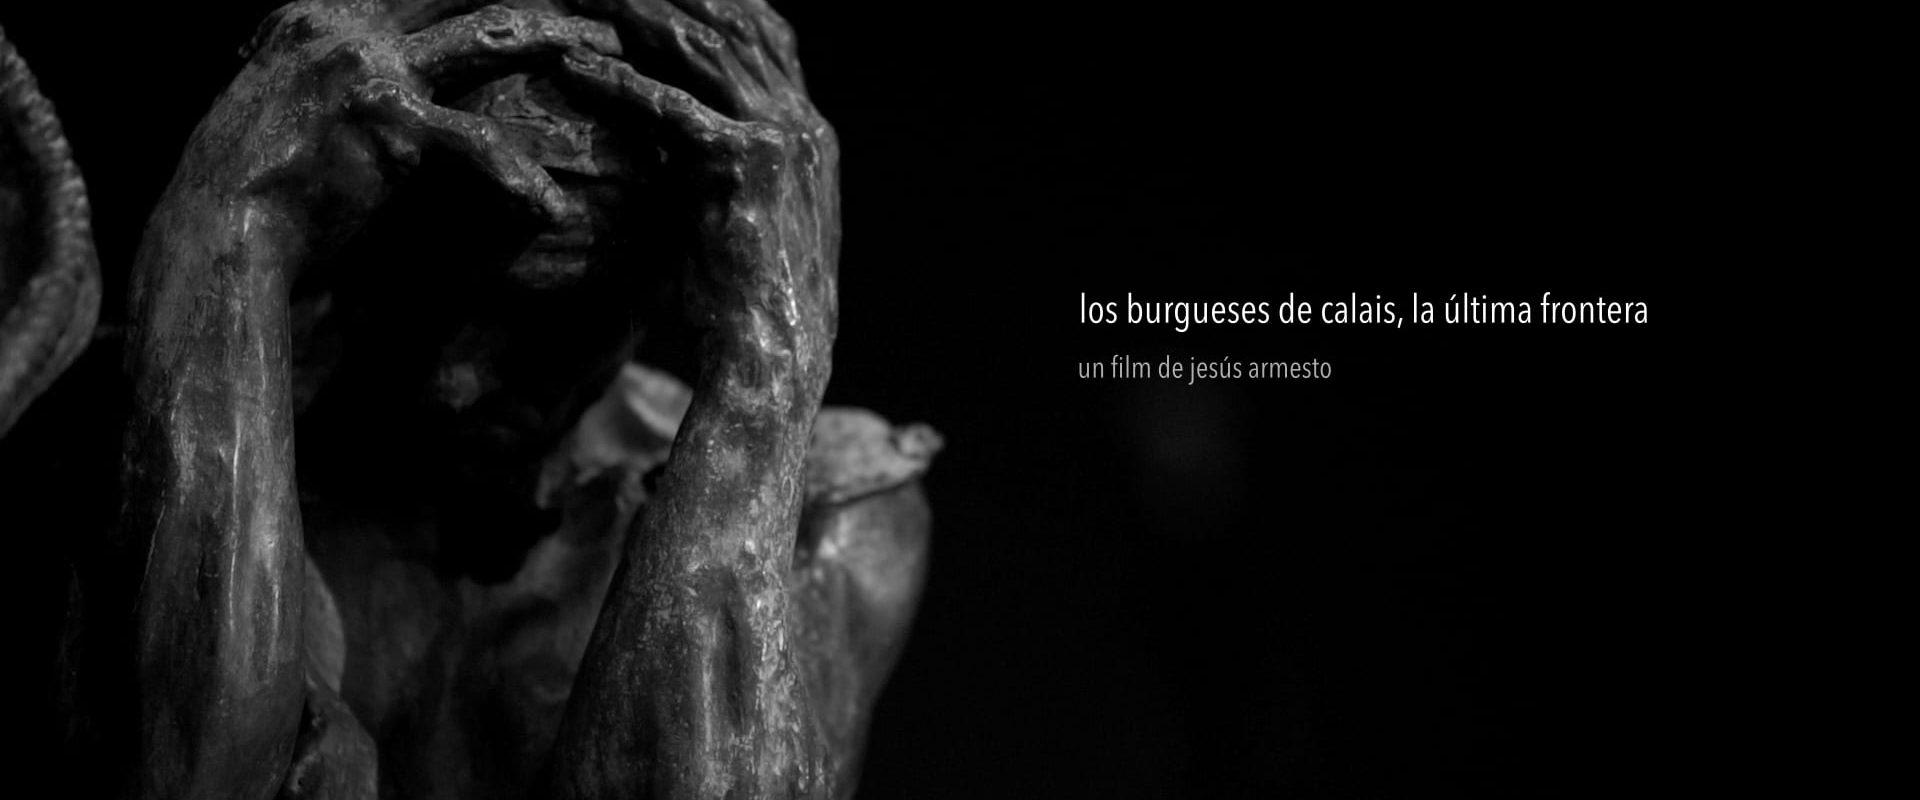 portada_losburgueses_escultura-burgueses